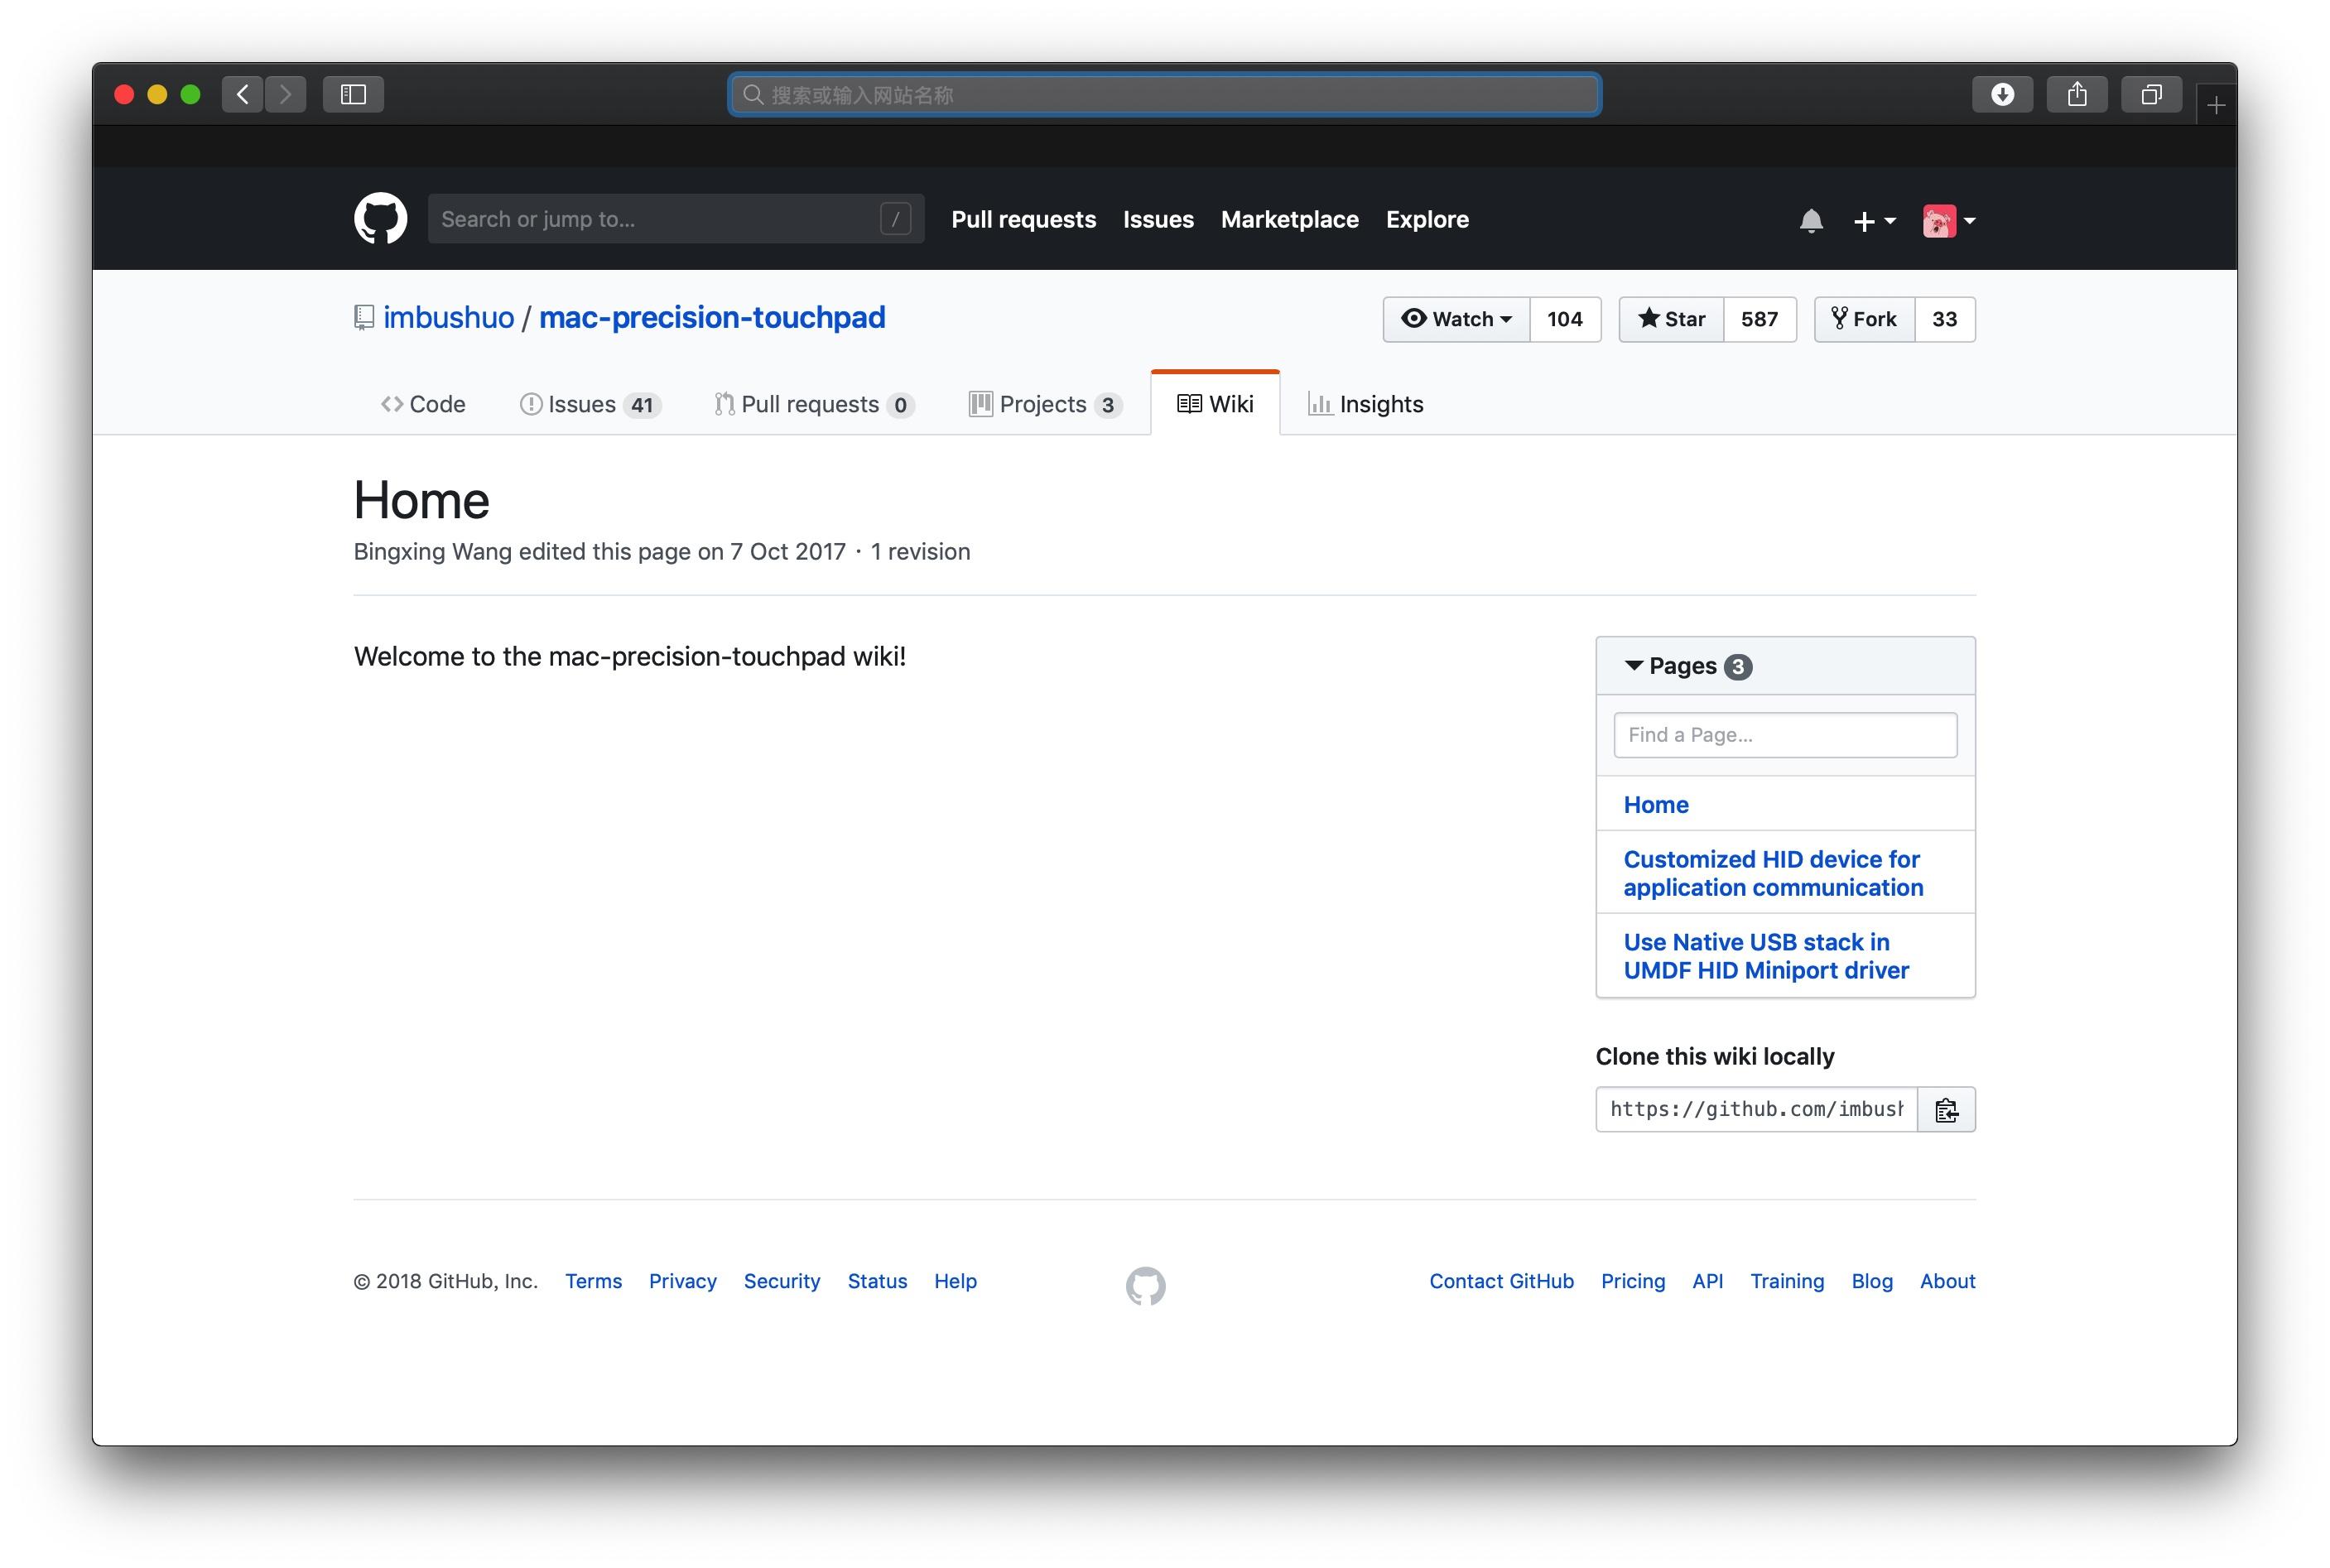 Github 上某个文档的 Wiki